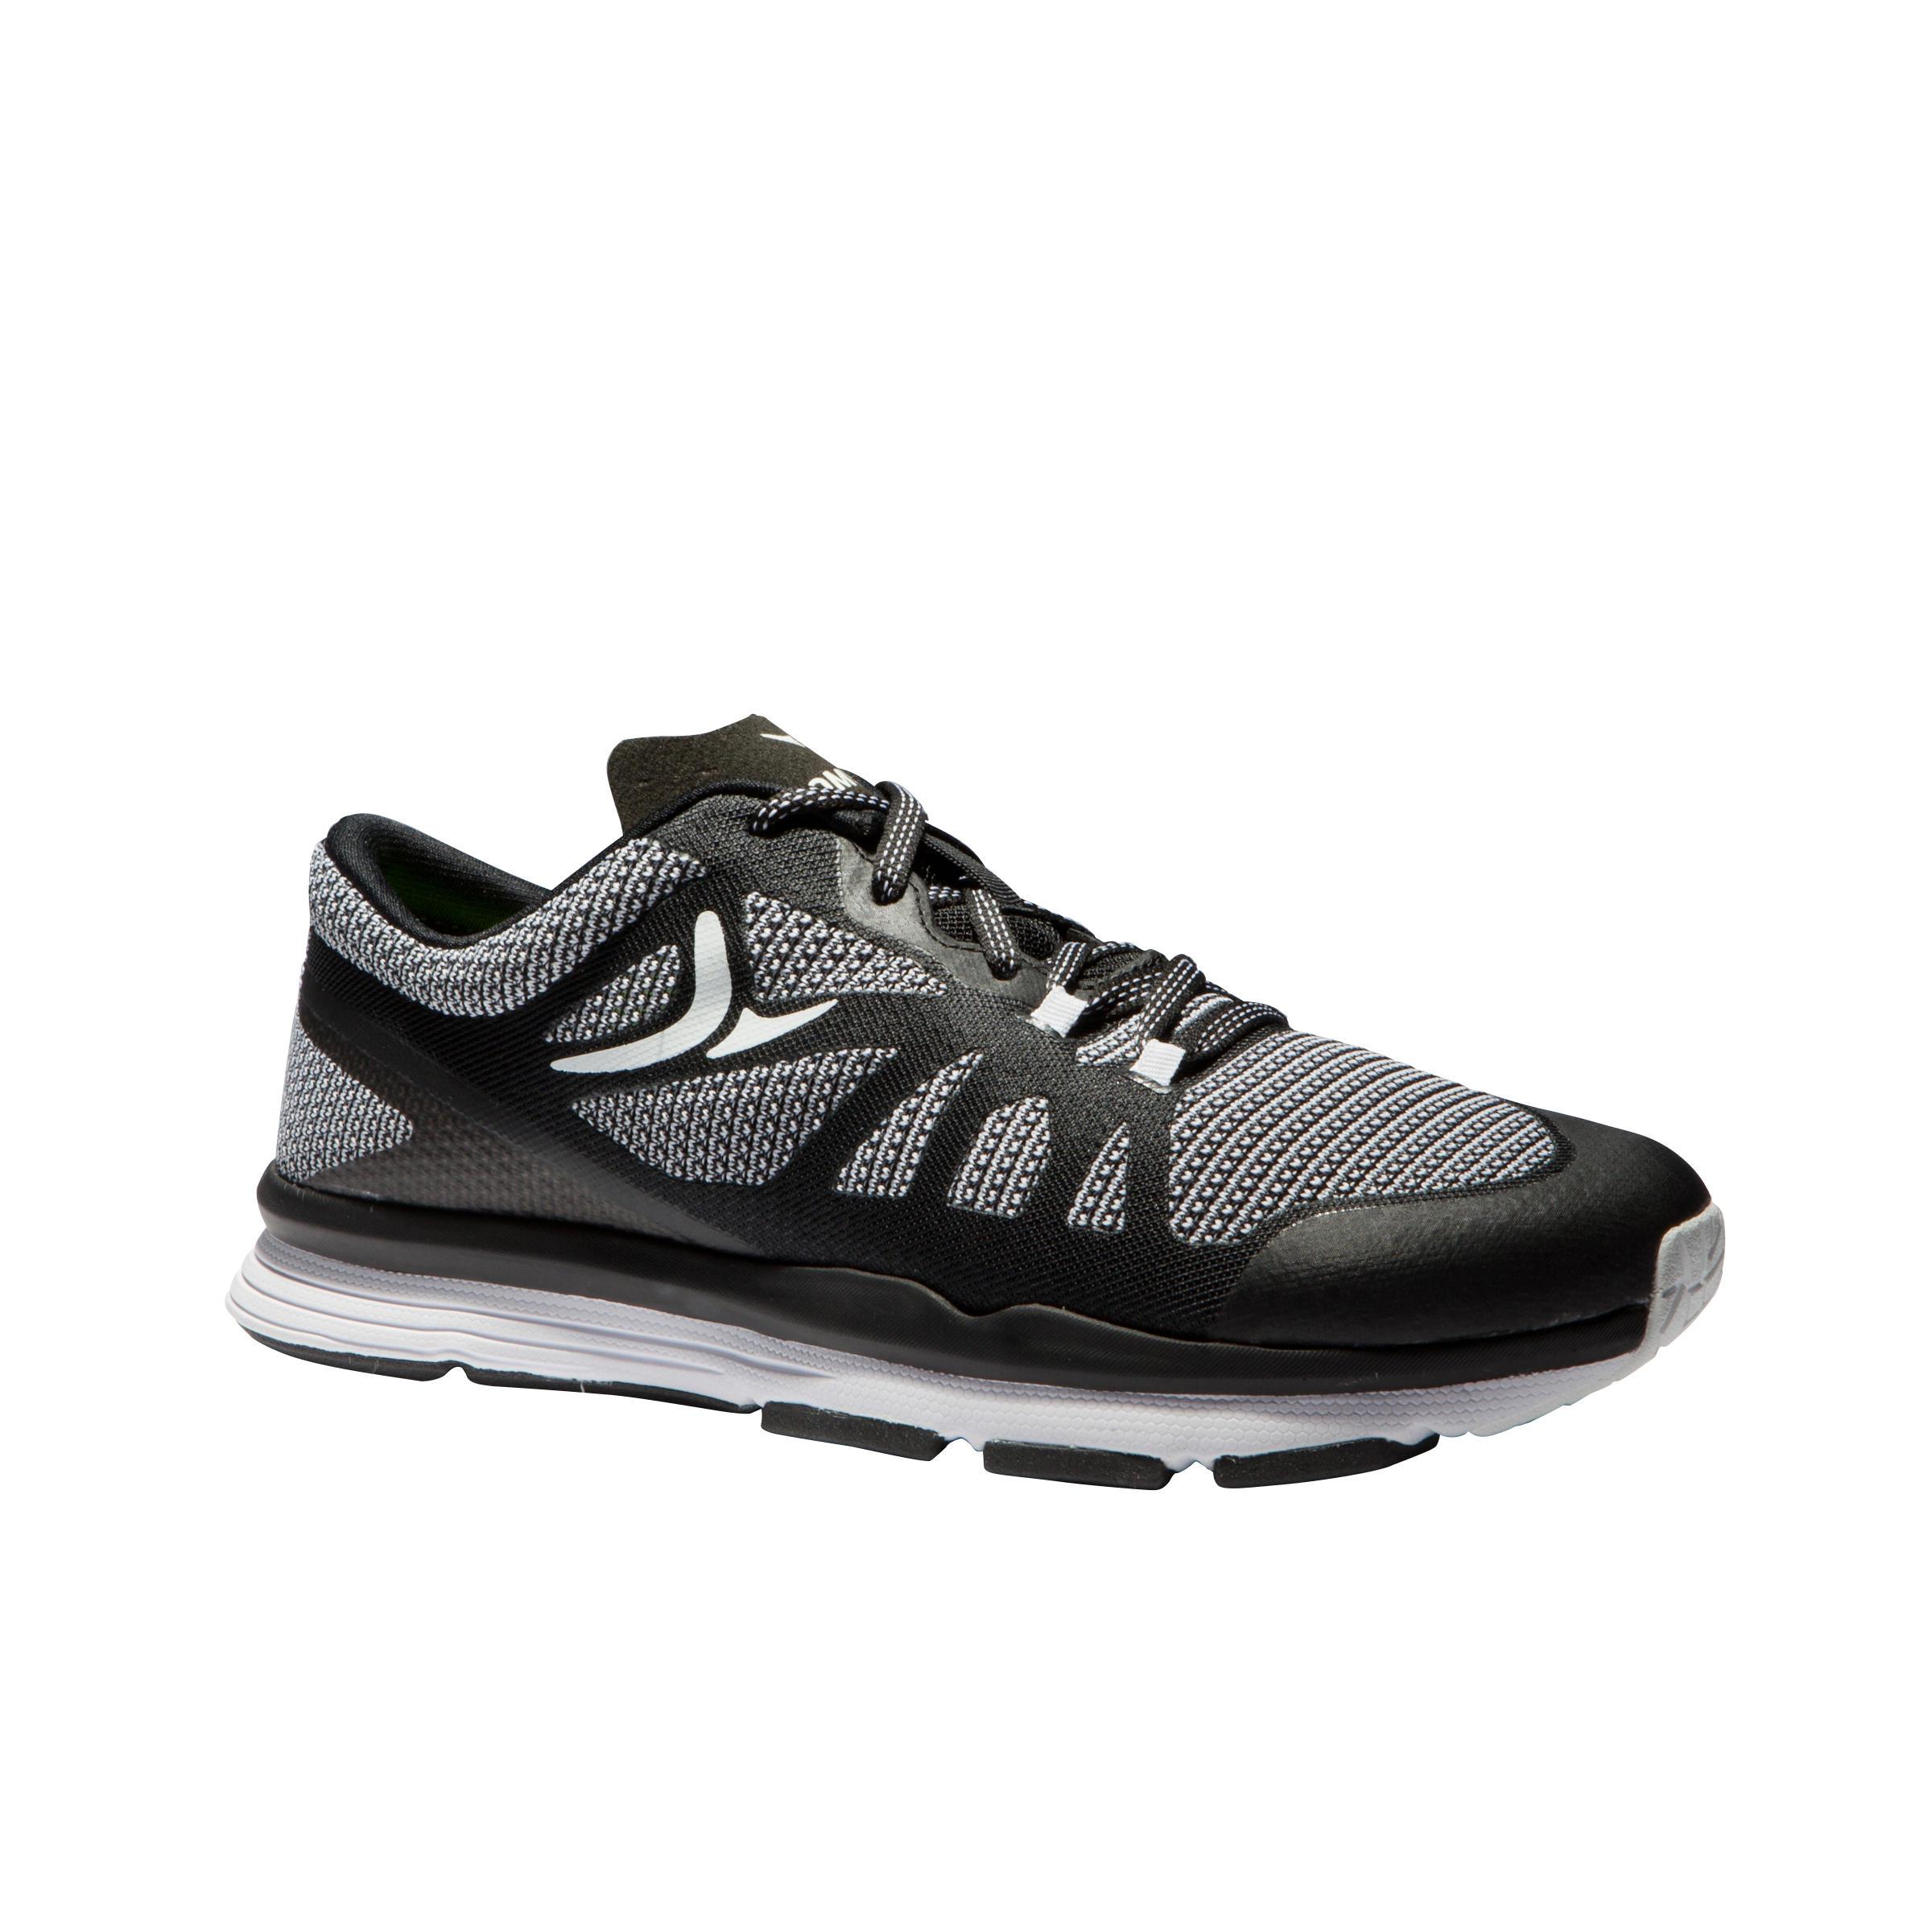 2314541 Domyos Cardiofitness schoenen 900 voor dames zwart en wit